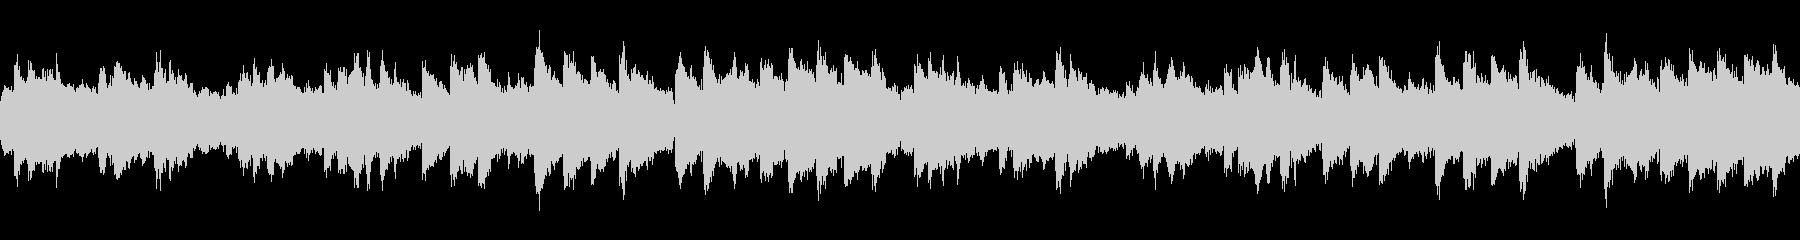 サカモト的なピアノと弦楽の切ないループの未再生の波形